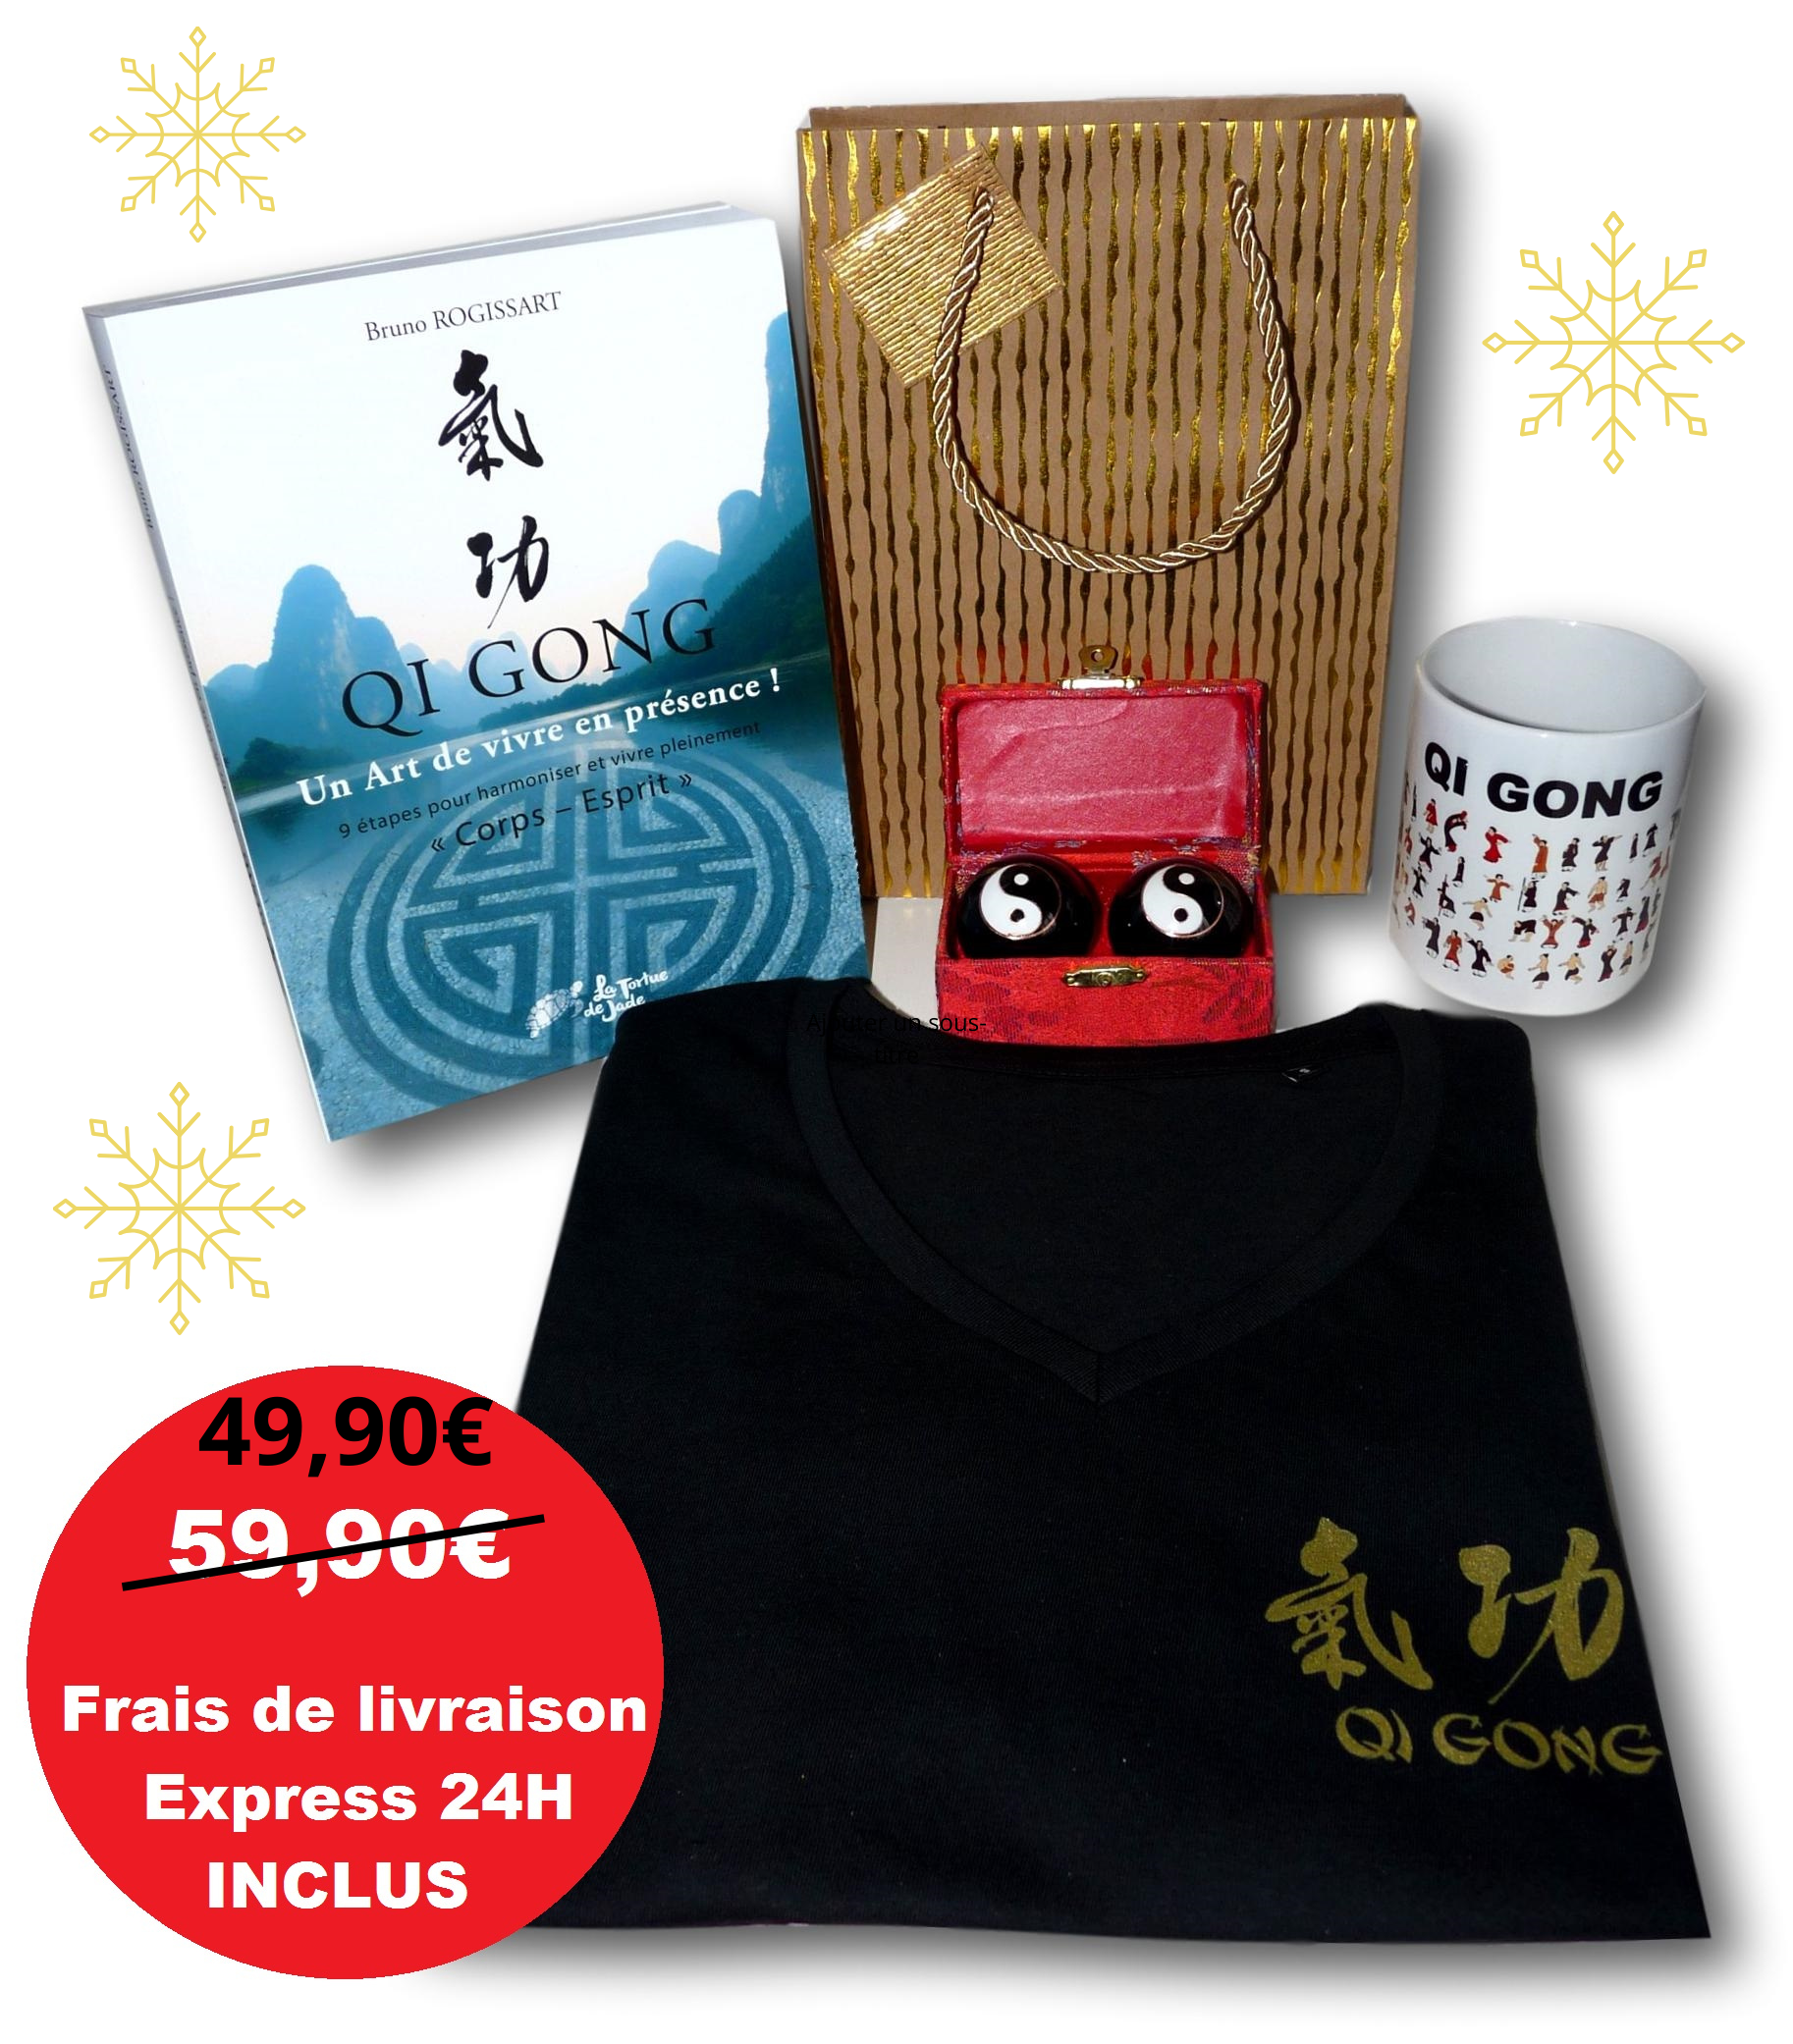 Coffret cadeau Qi gong